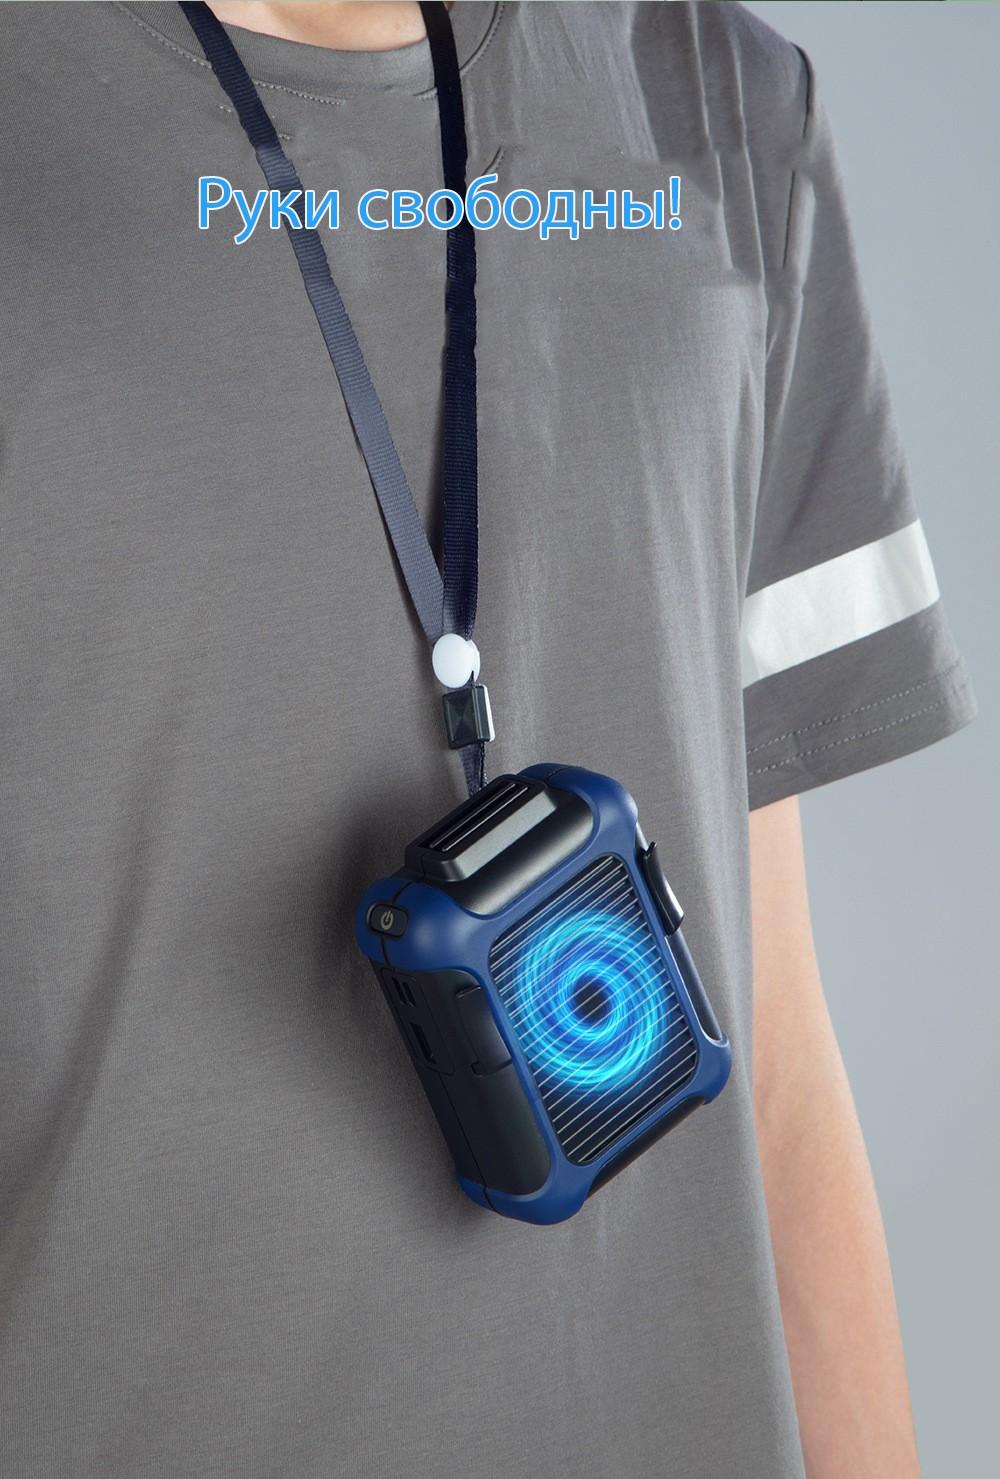 USB вентилятор с зажимом для одежды с Power Bank 4000 мАч 05 - Портативный USB-вентилятор с зажимом для одежды с Power Bank 4000 мАч